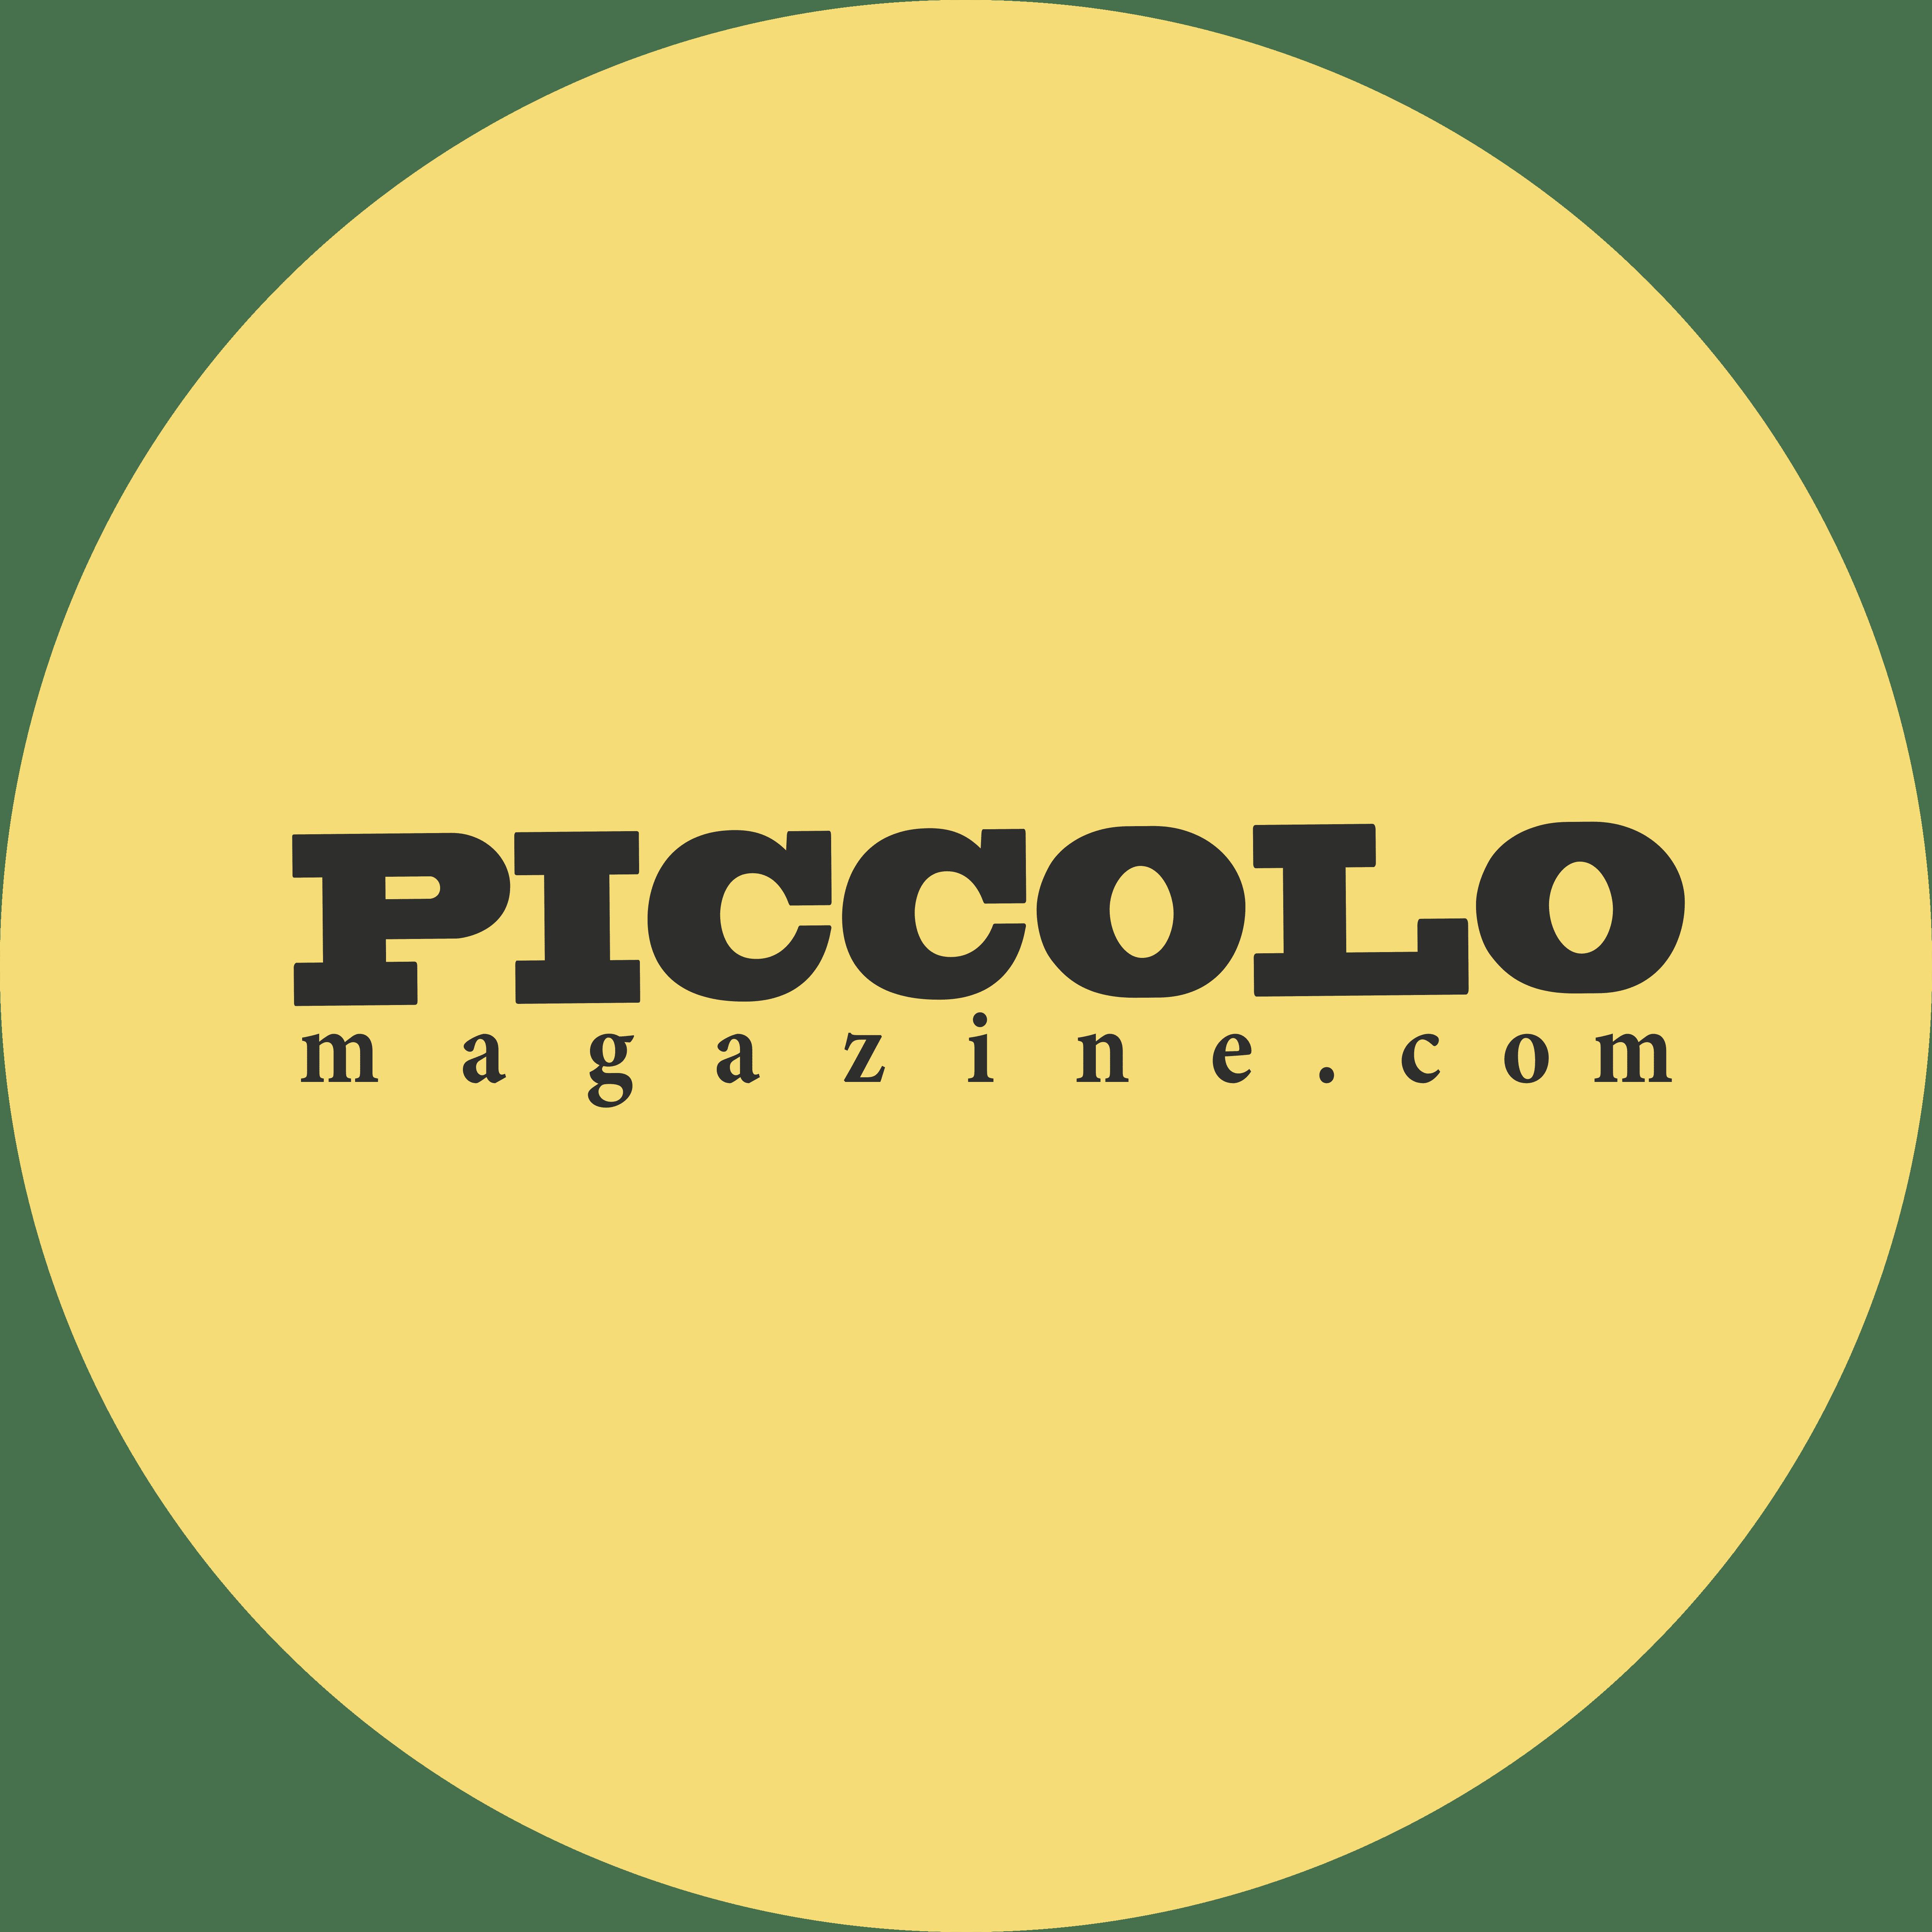 журнал PICCOLO